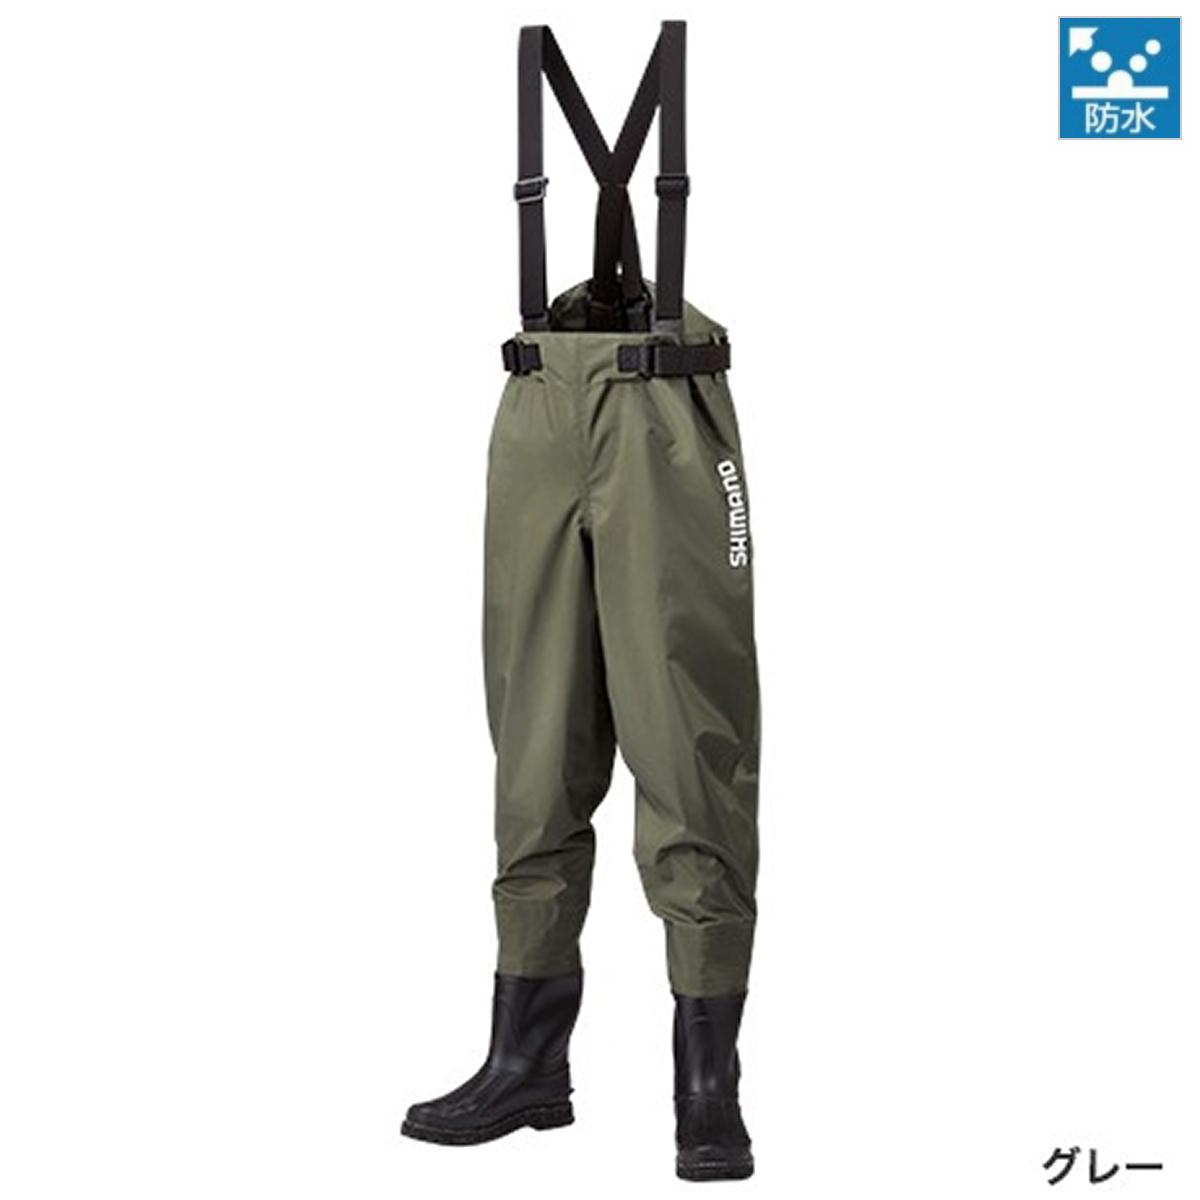 シマノ マックスデュラウェーダー(中丸ウエスト・カットフェルトソールタイプ) WA-052R MO グレー